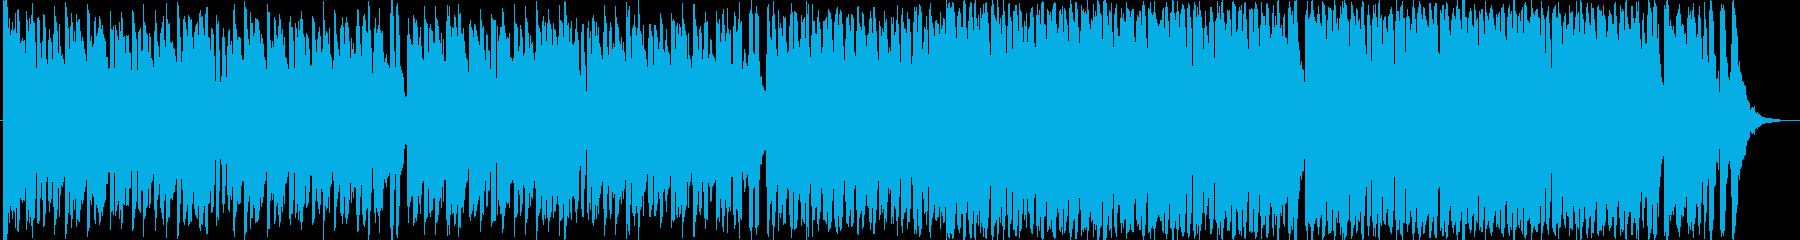 ハロウィン!怪しく陽気なオーケストラ!の再生済みの波形